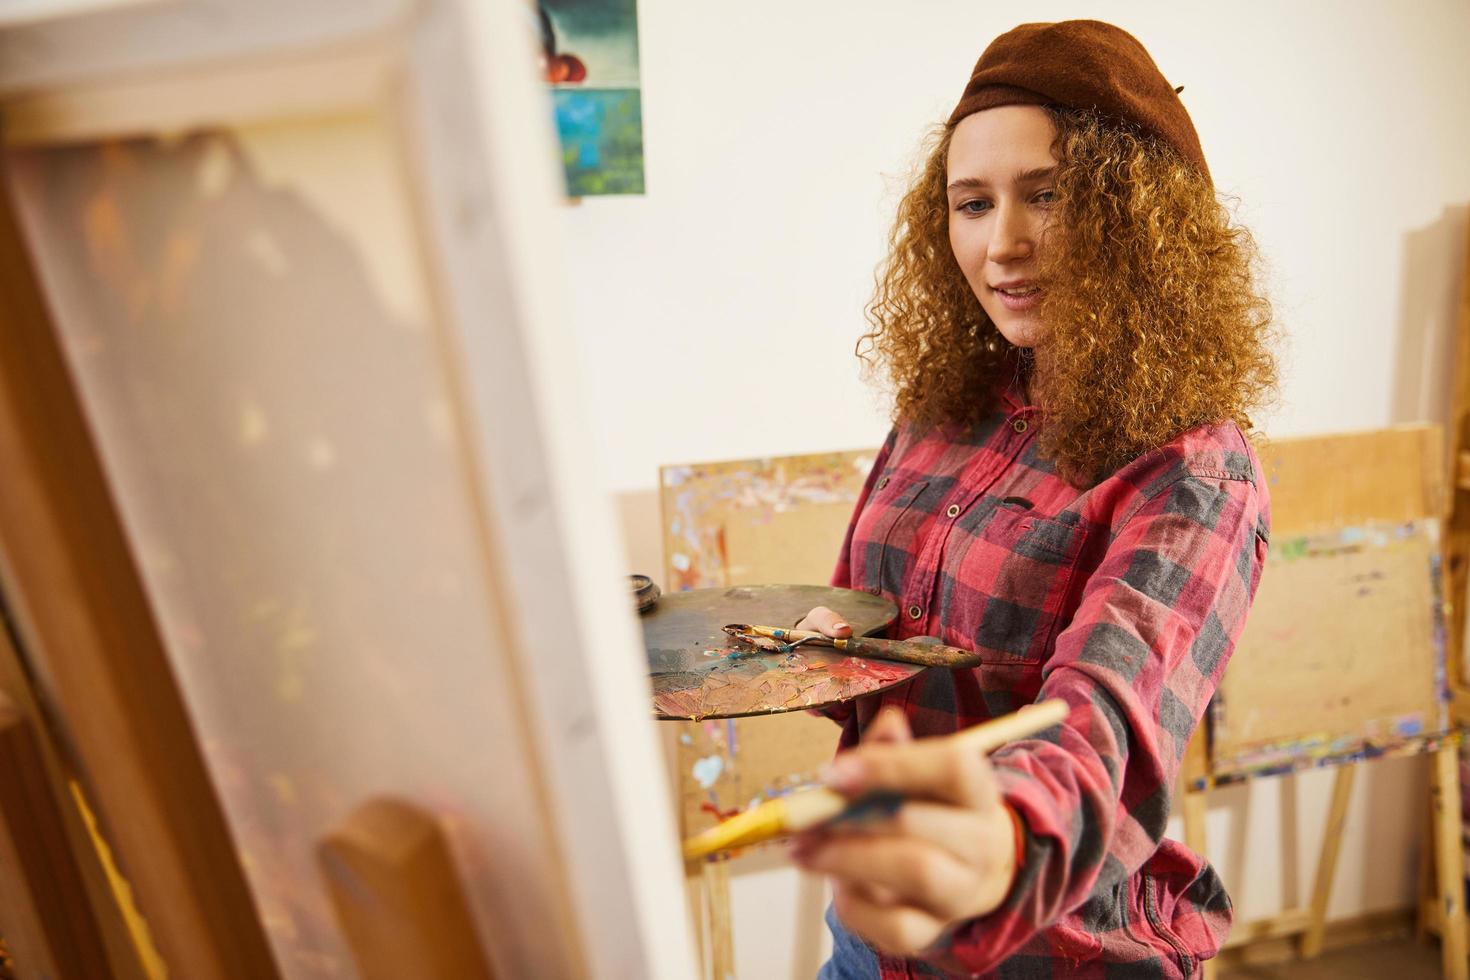 artiste bouclé sourit et dessine une image photo